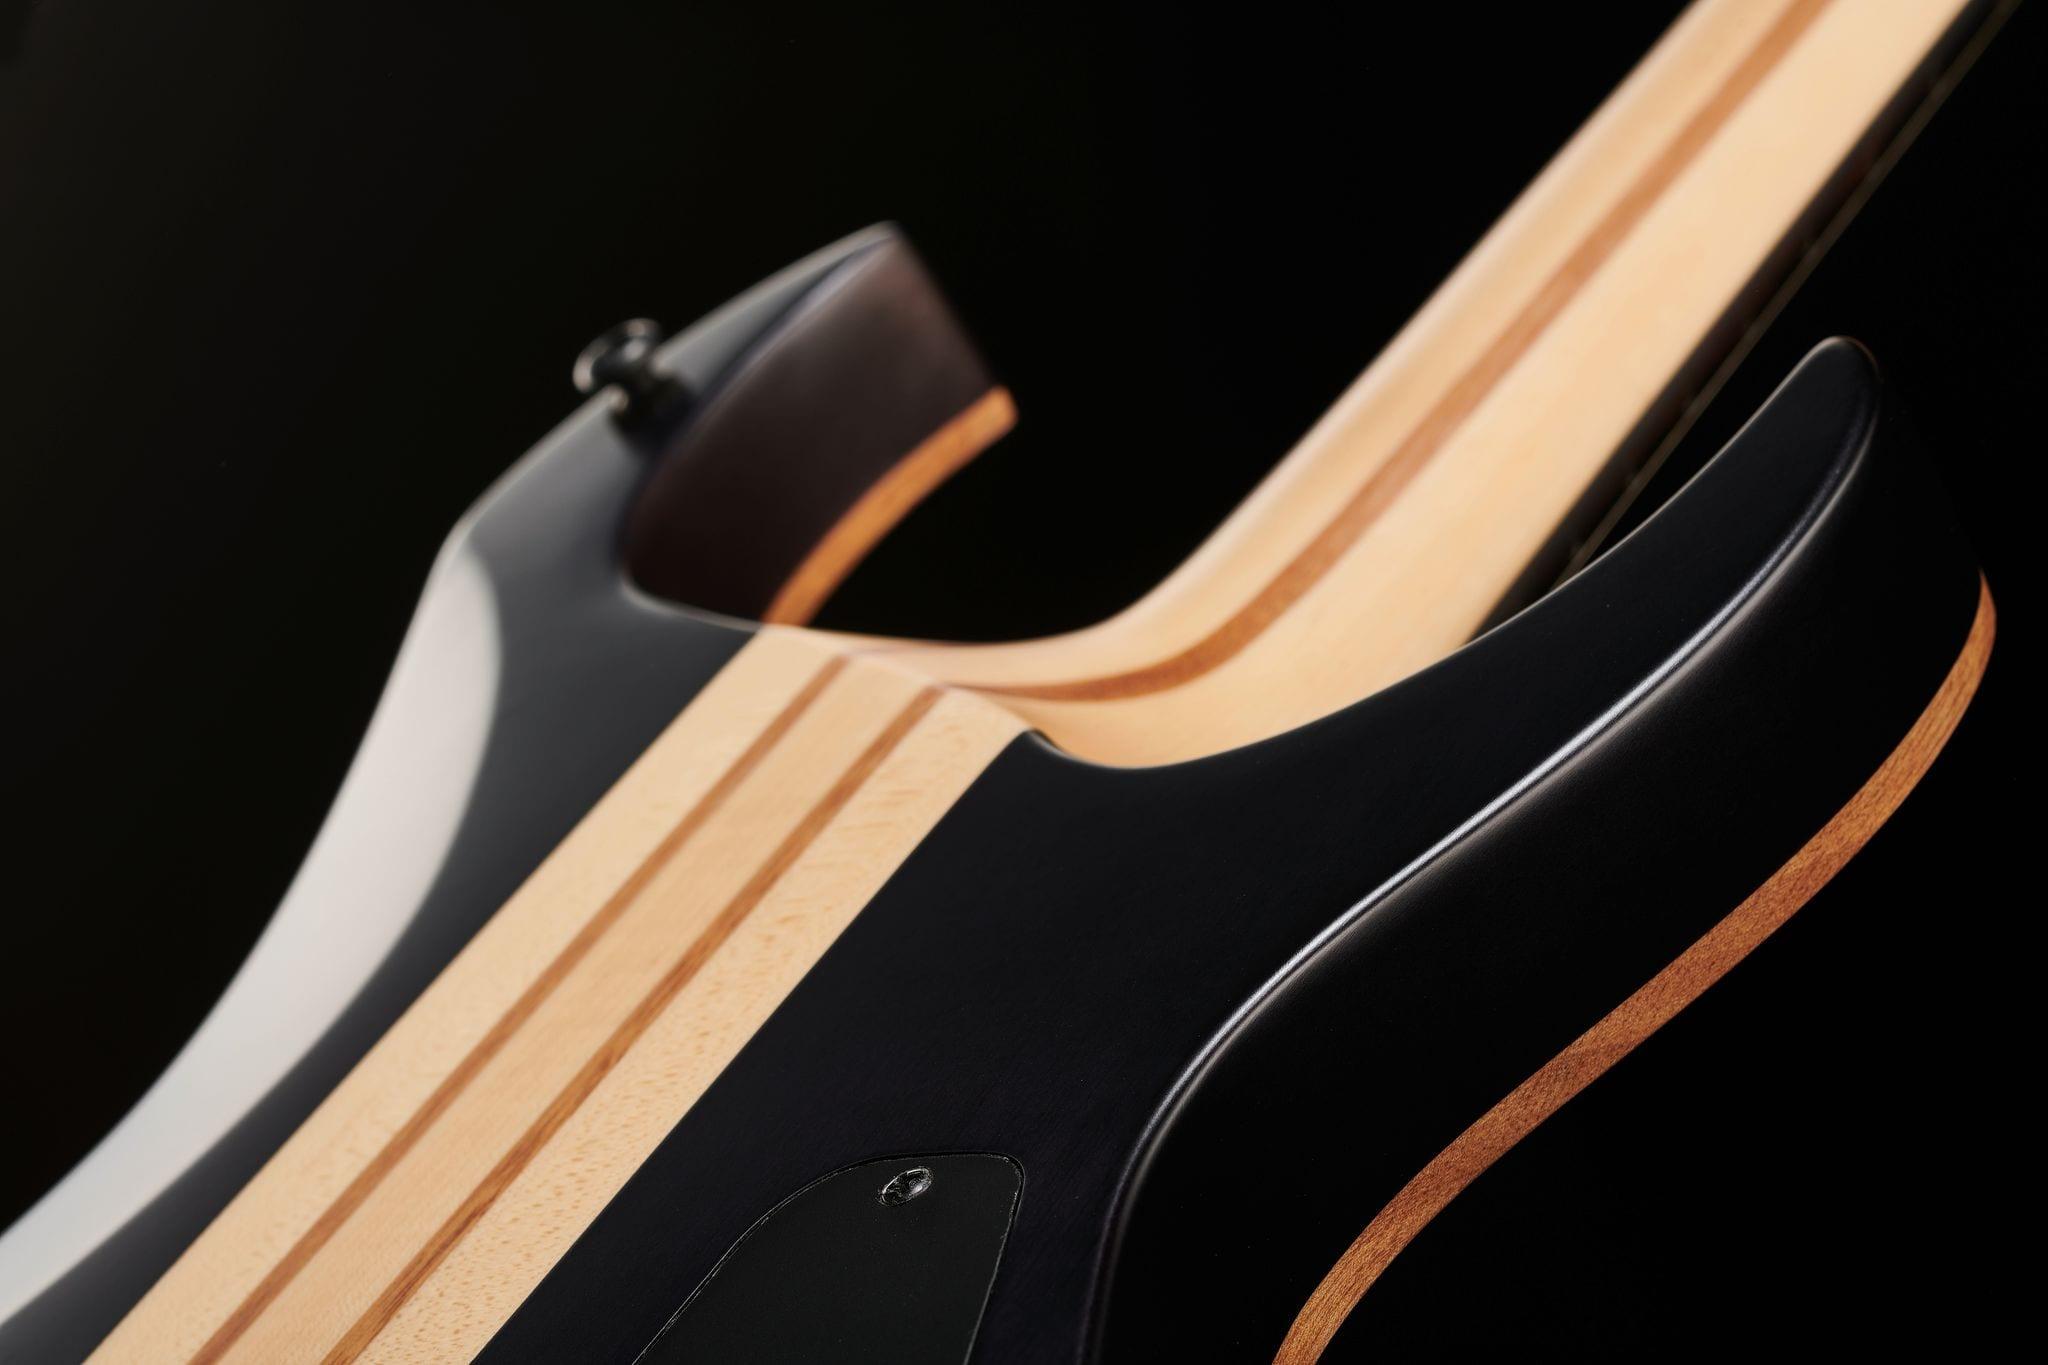 Amarok-BT LH baritone guitar rear